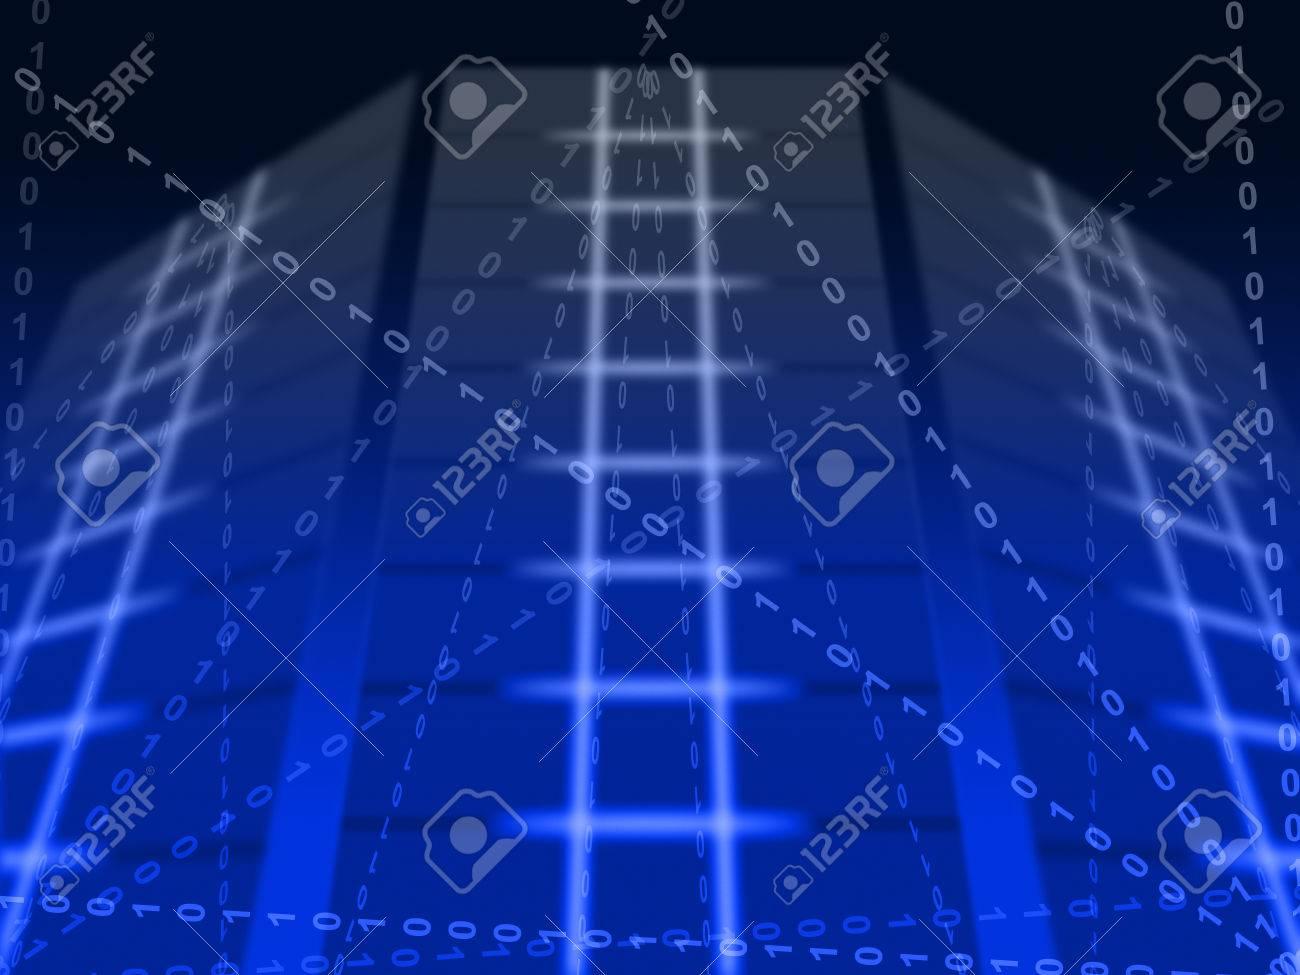 Circuito Significado : Azul binario circuito de fondo significado comunicación digital o